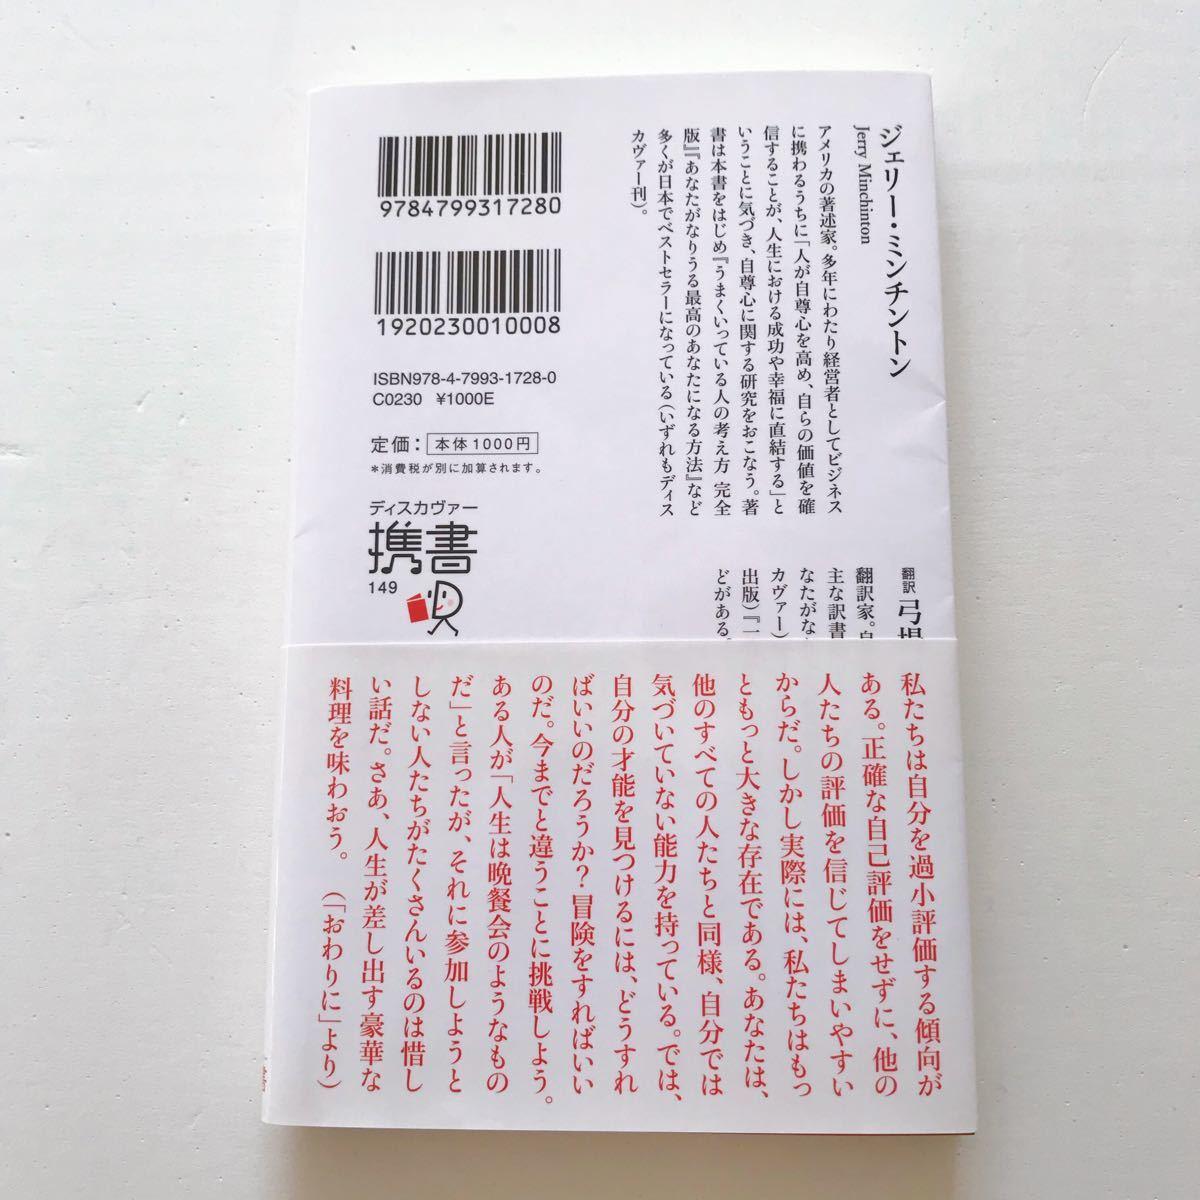 心の持ち方 完全版 ディスカヴァー携書149/ジェリーミンチントン (著者) 弓場隆 (訳者)